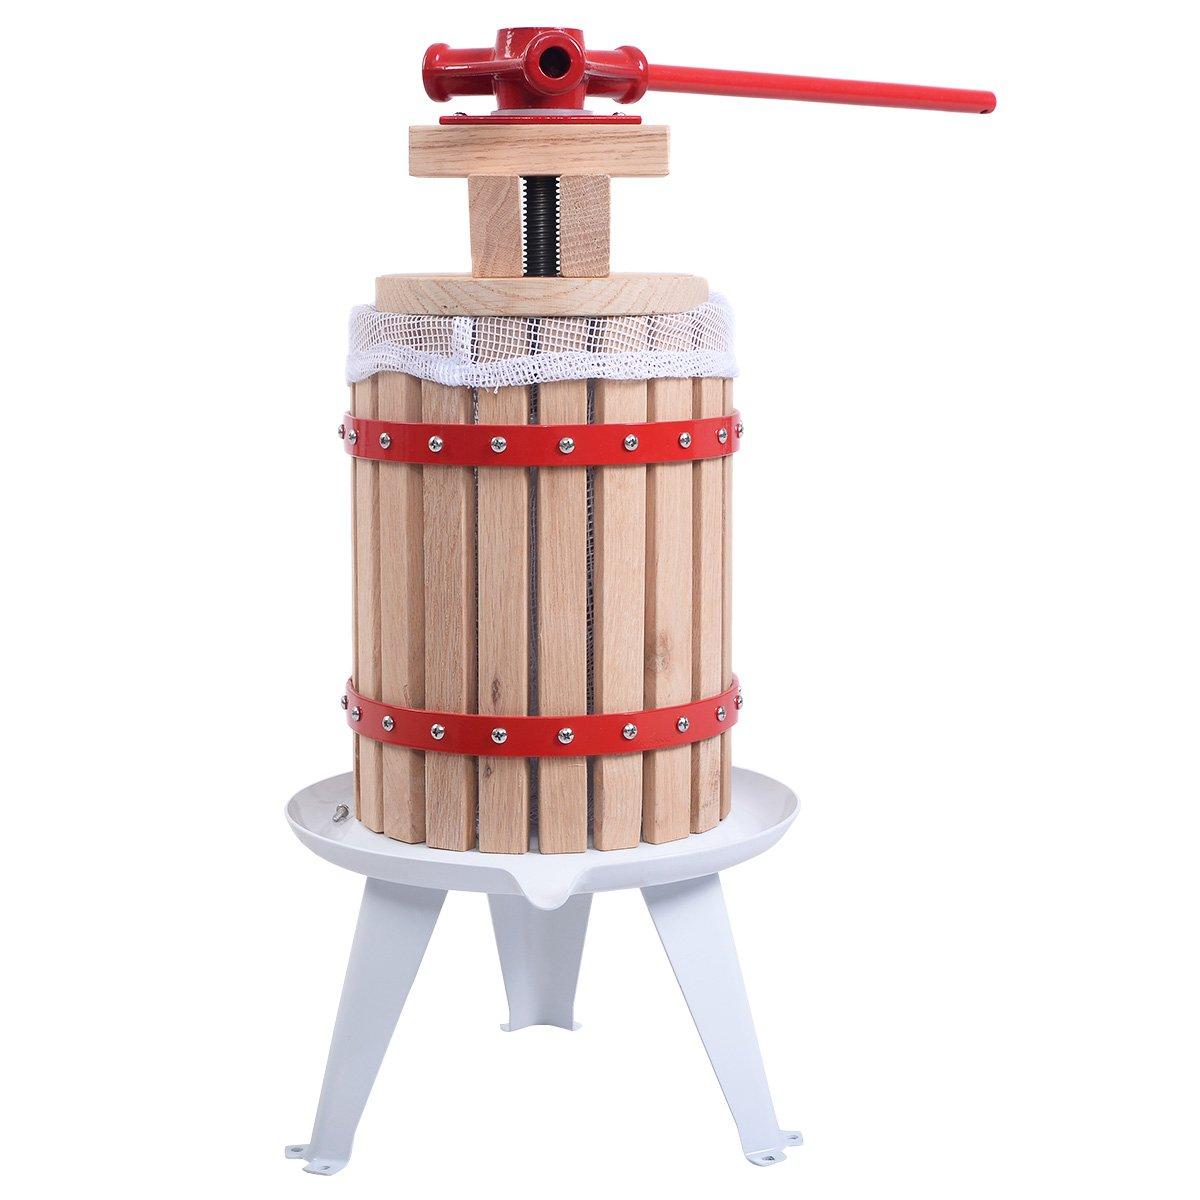 Eminetshop 1.6 Gallon Fruit Wine Making Press Cider Apple Grape Crusher Juice Maker Tool Wood Basket for Kitchen by Eminetshop (Image #1)